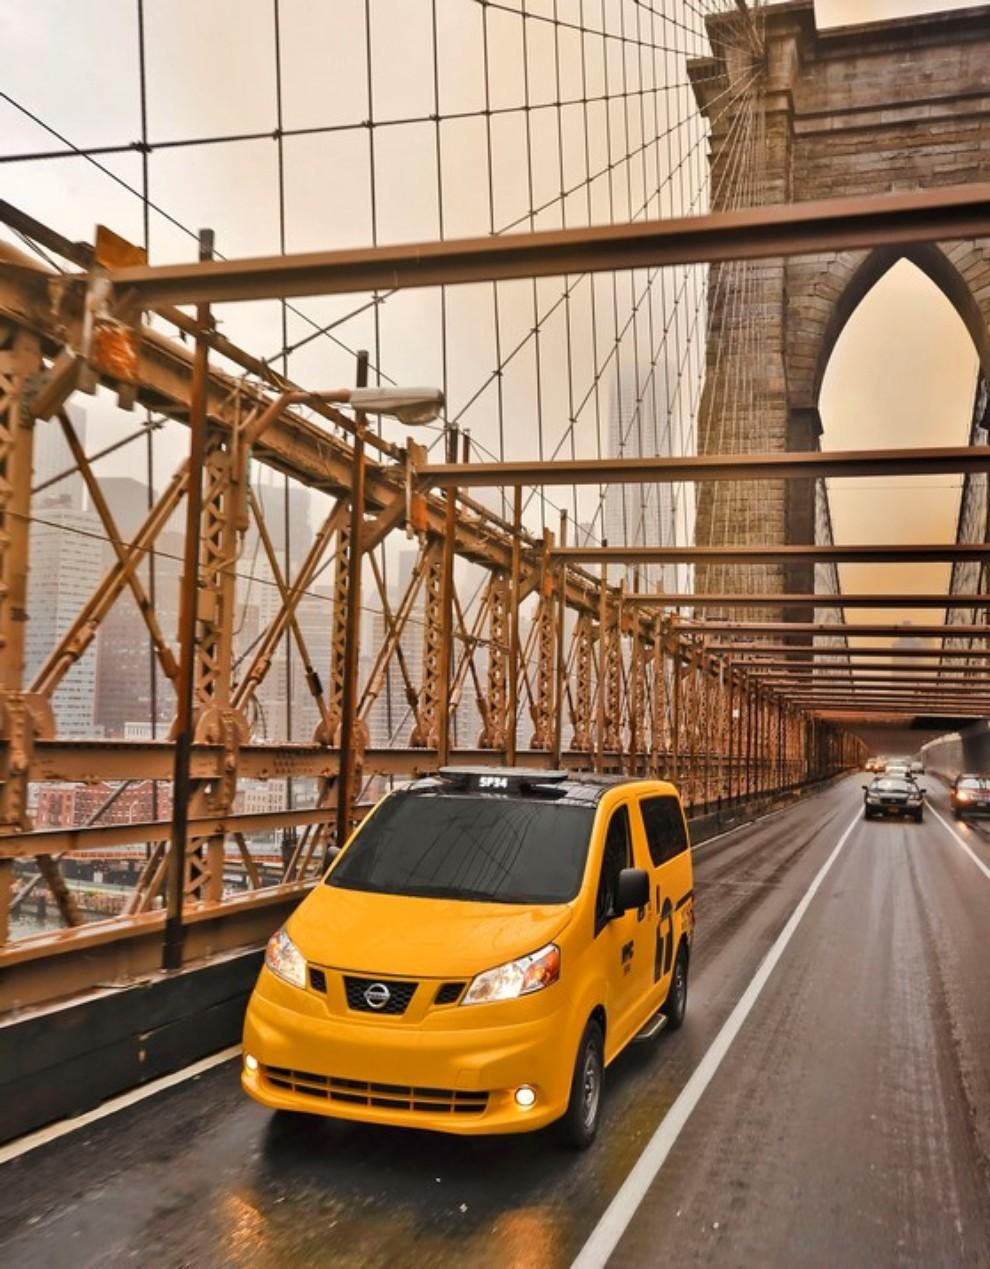 Nissan NV200 è il nuovo taxi di New York - Foto 14 di 28